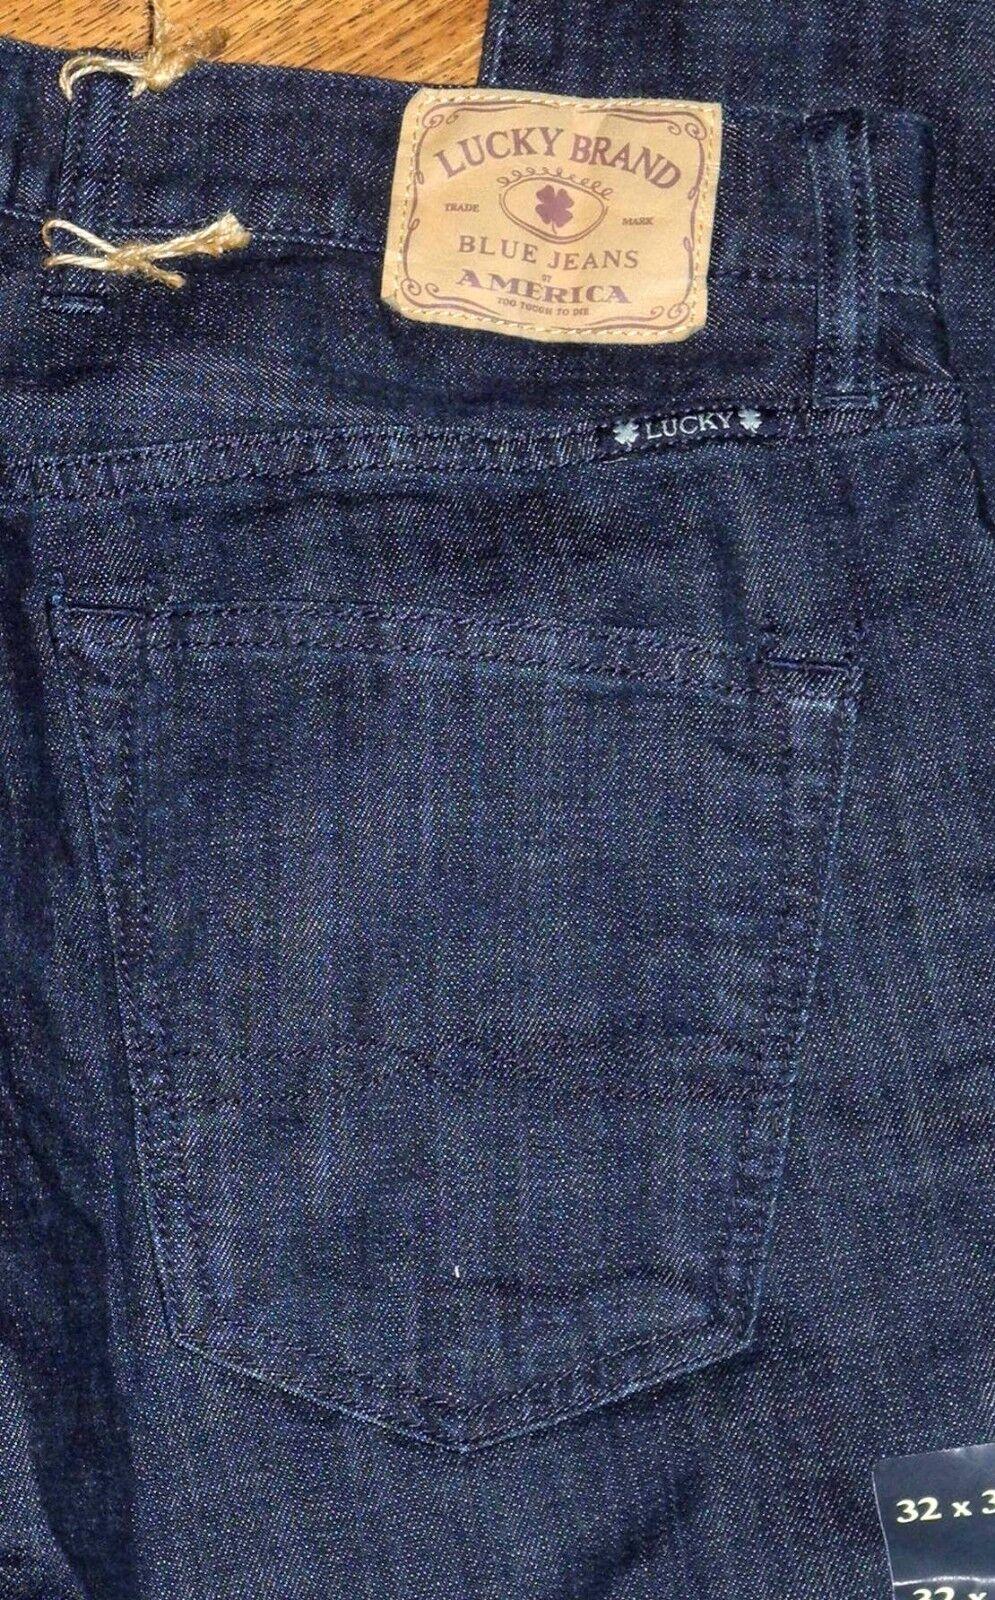 Neu Lucky Brand 121 Heritage Enge Passform Bein Bein Bein Herren Dunkelblau Jeans Sz 32x30 4ced09